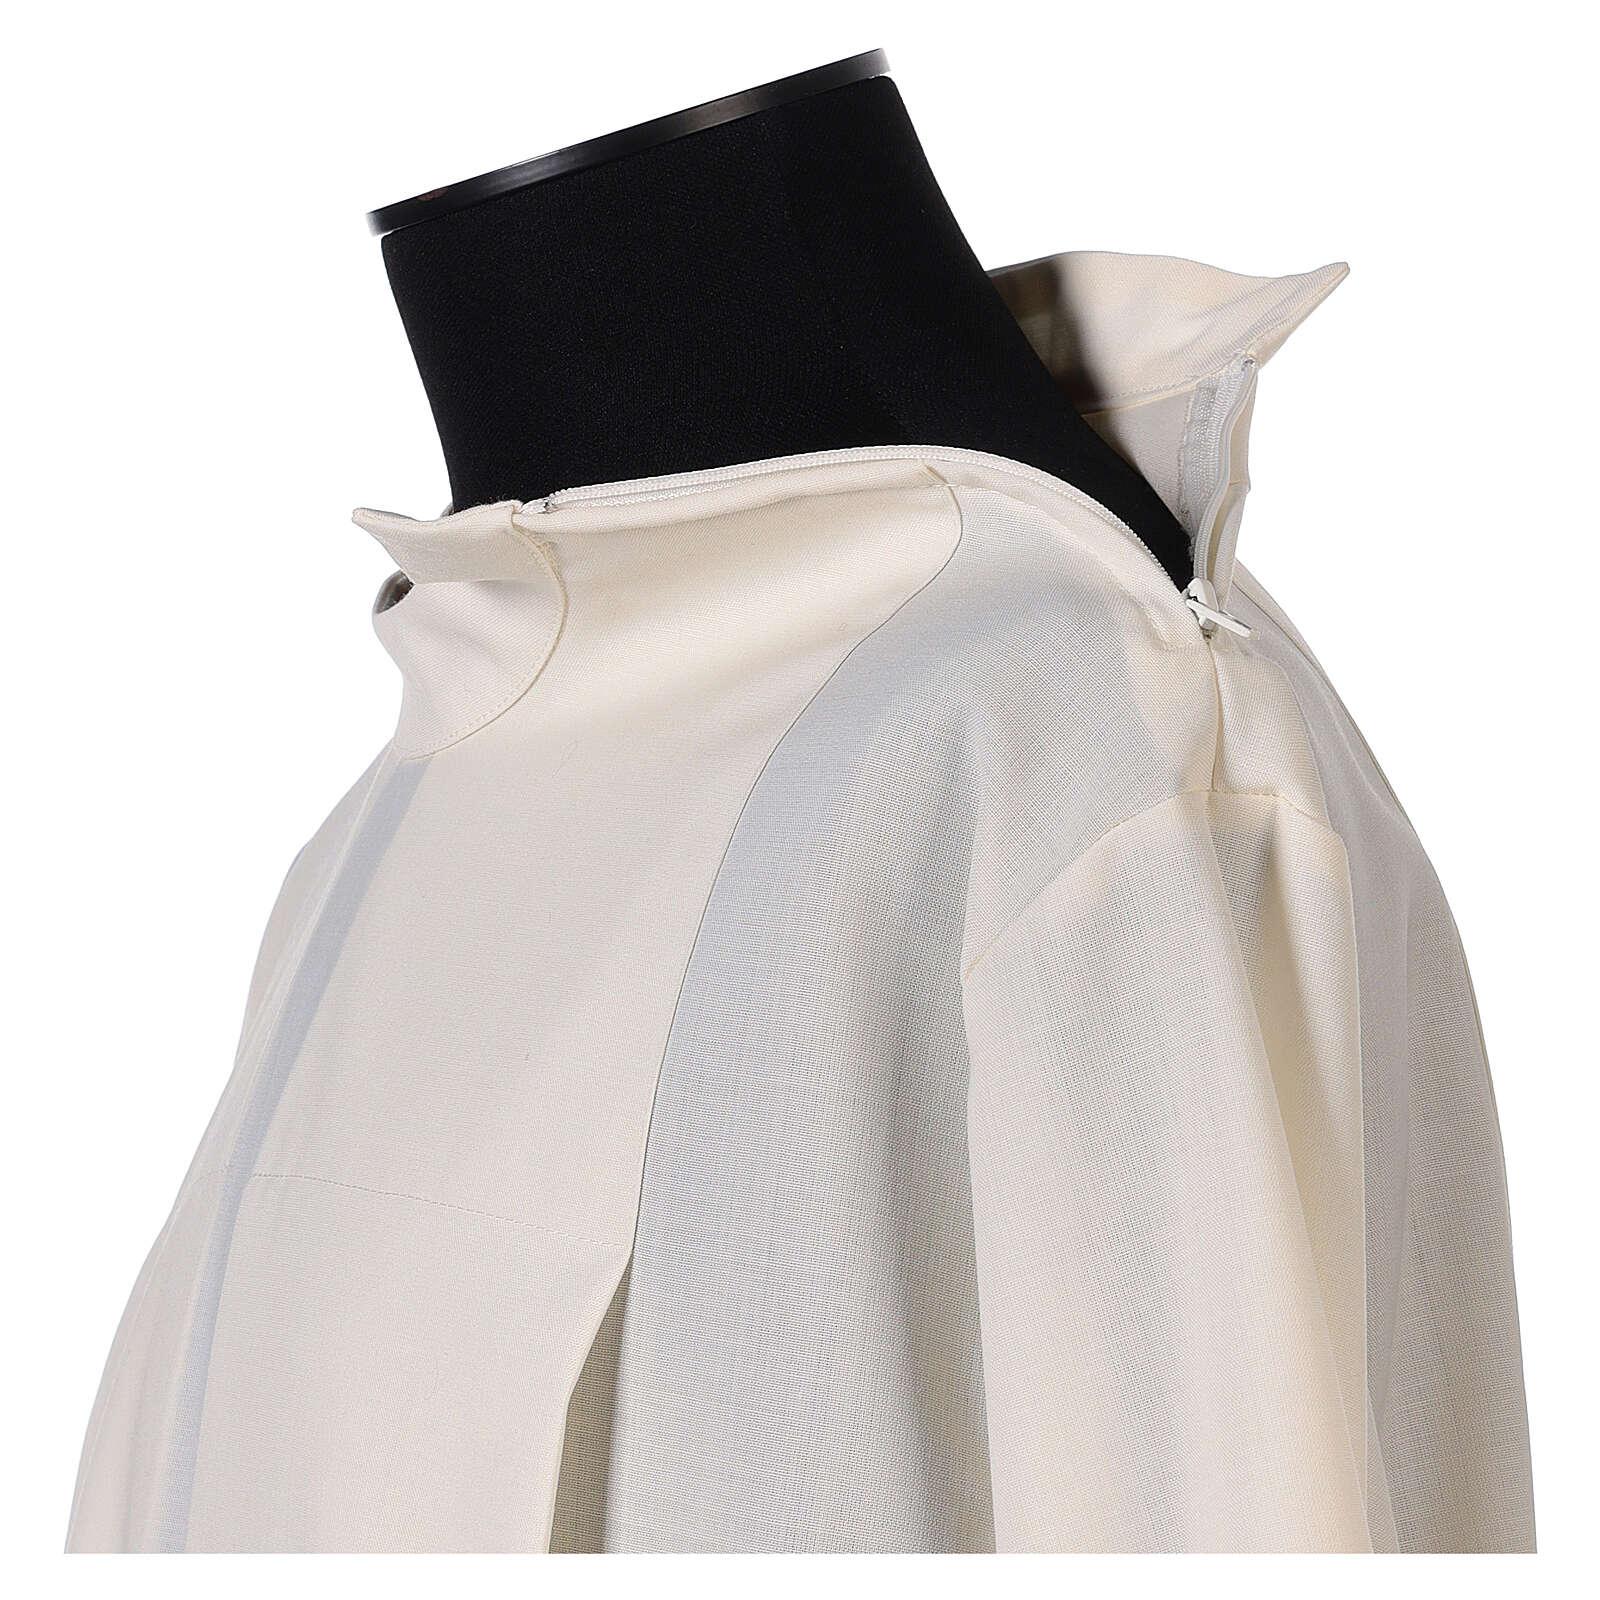 Camice avorio 55% poliestere 45% lana due piegoni cerniera spalla 4